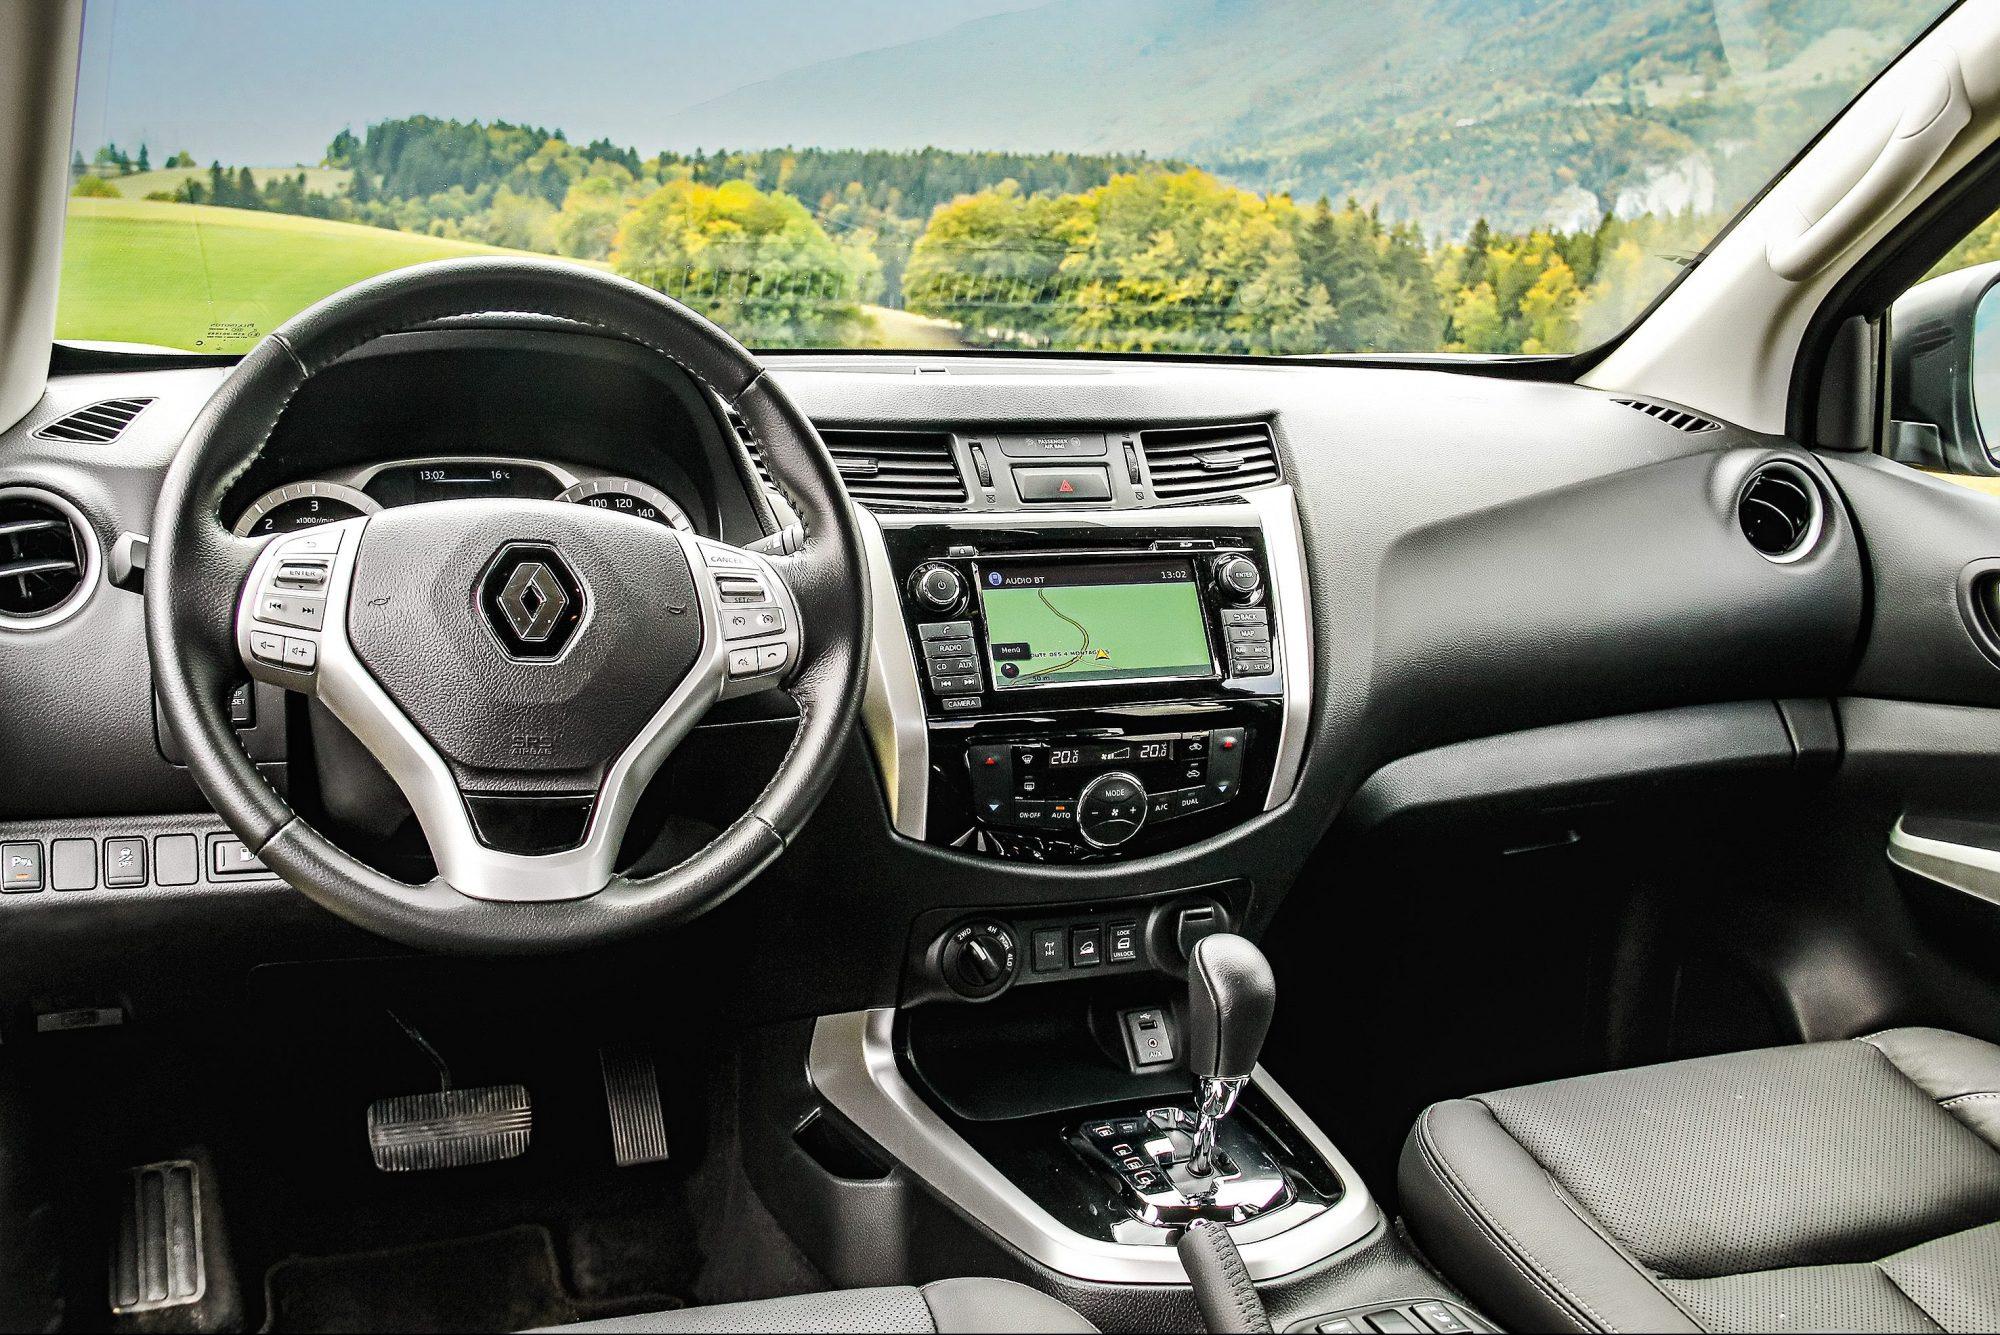 Cabine só é distinguível pelo emblema da Renault no volante